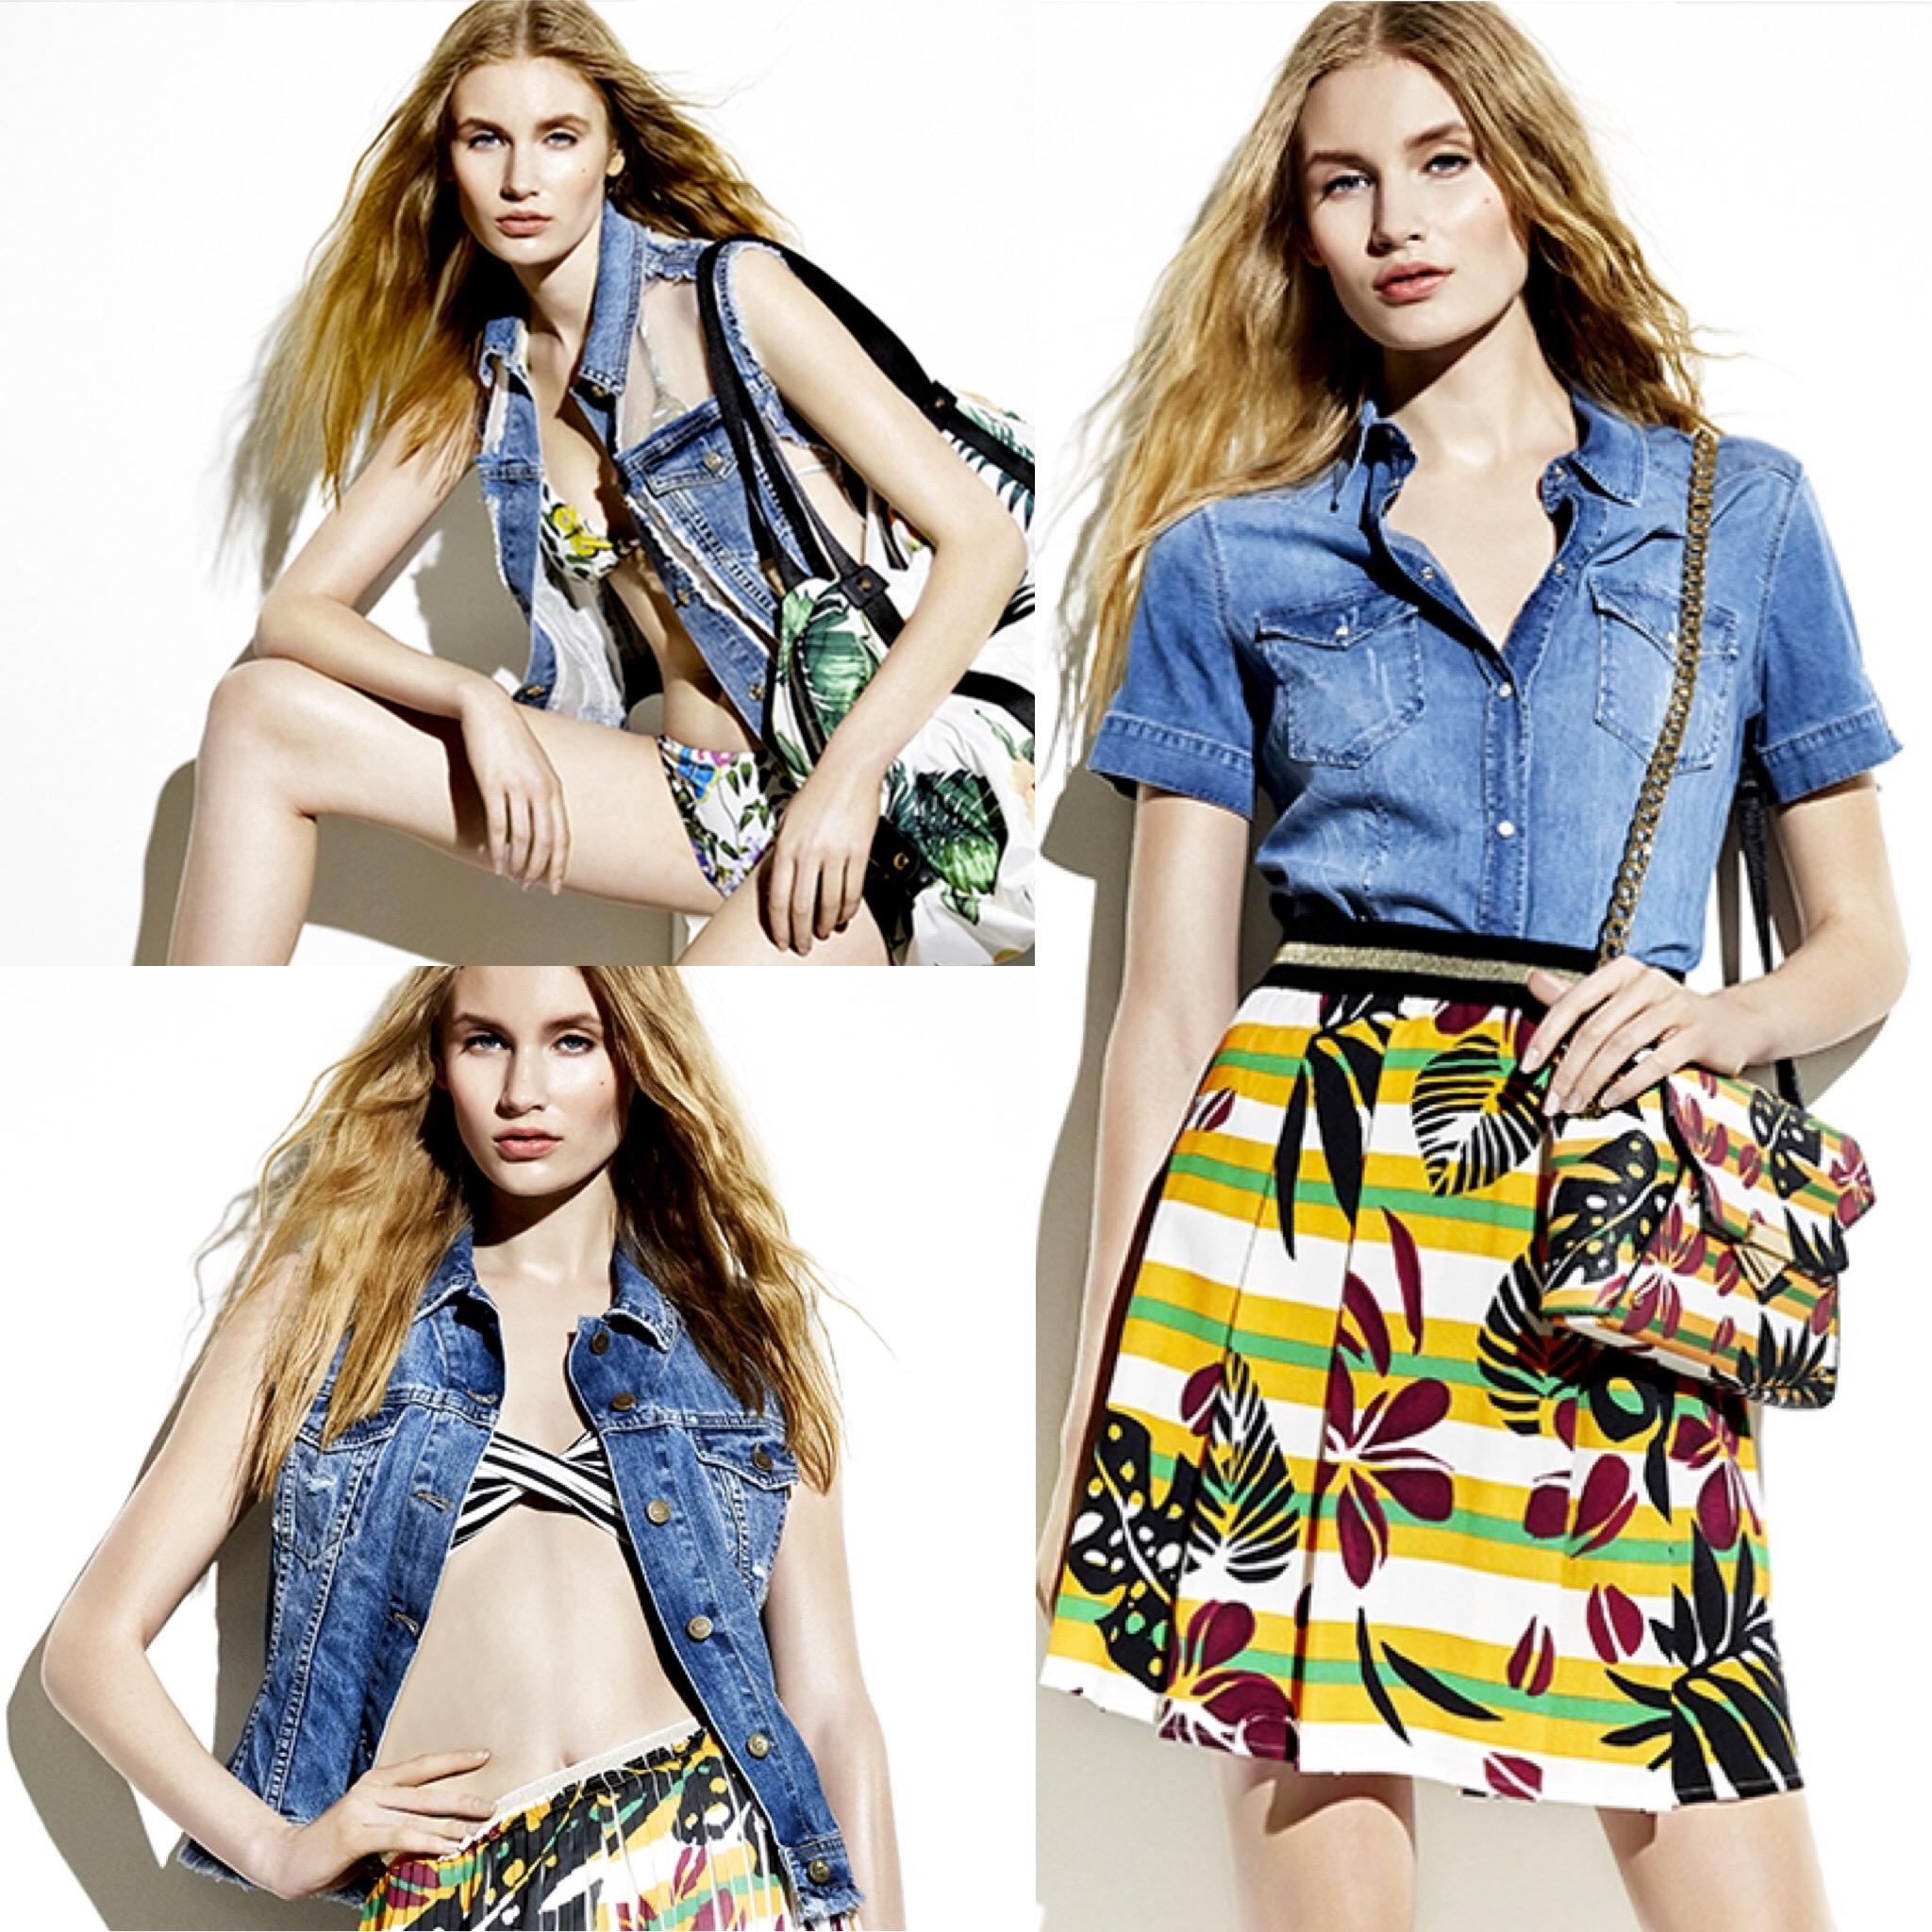 Moda donna tropical denim outfit